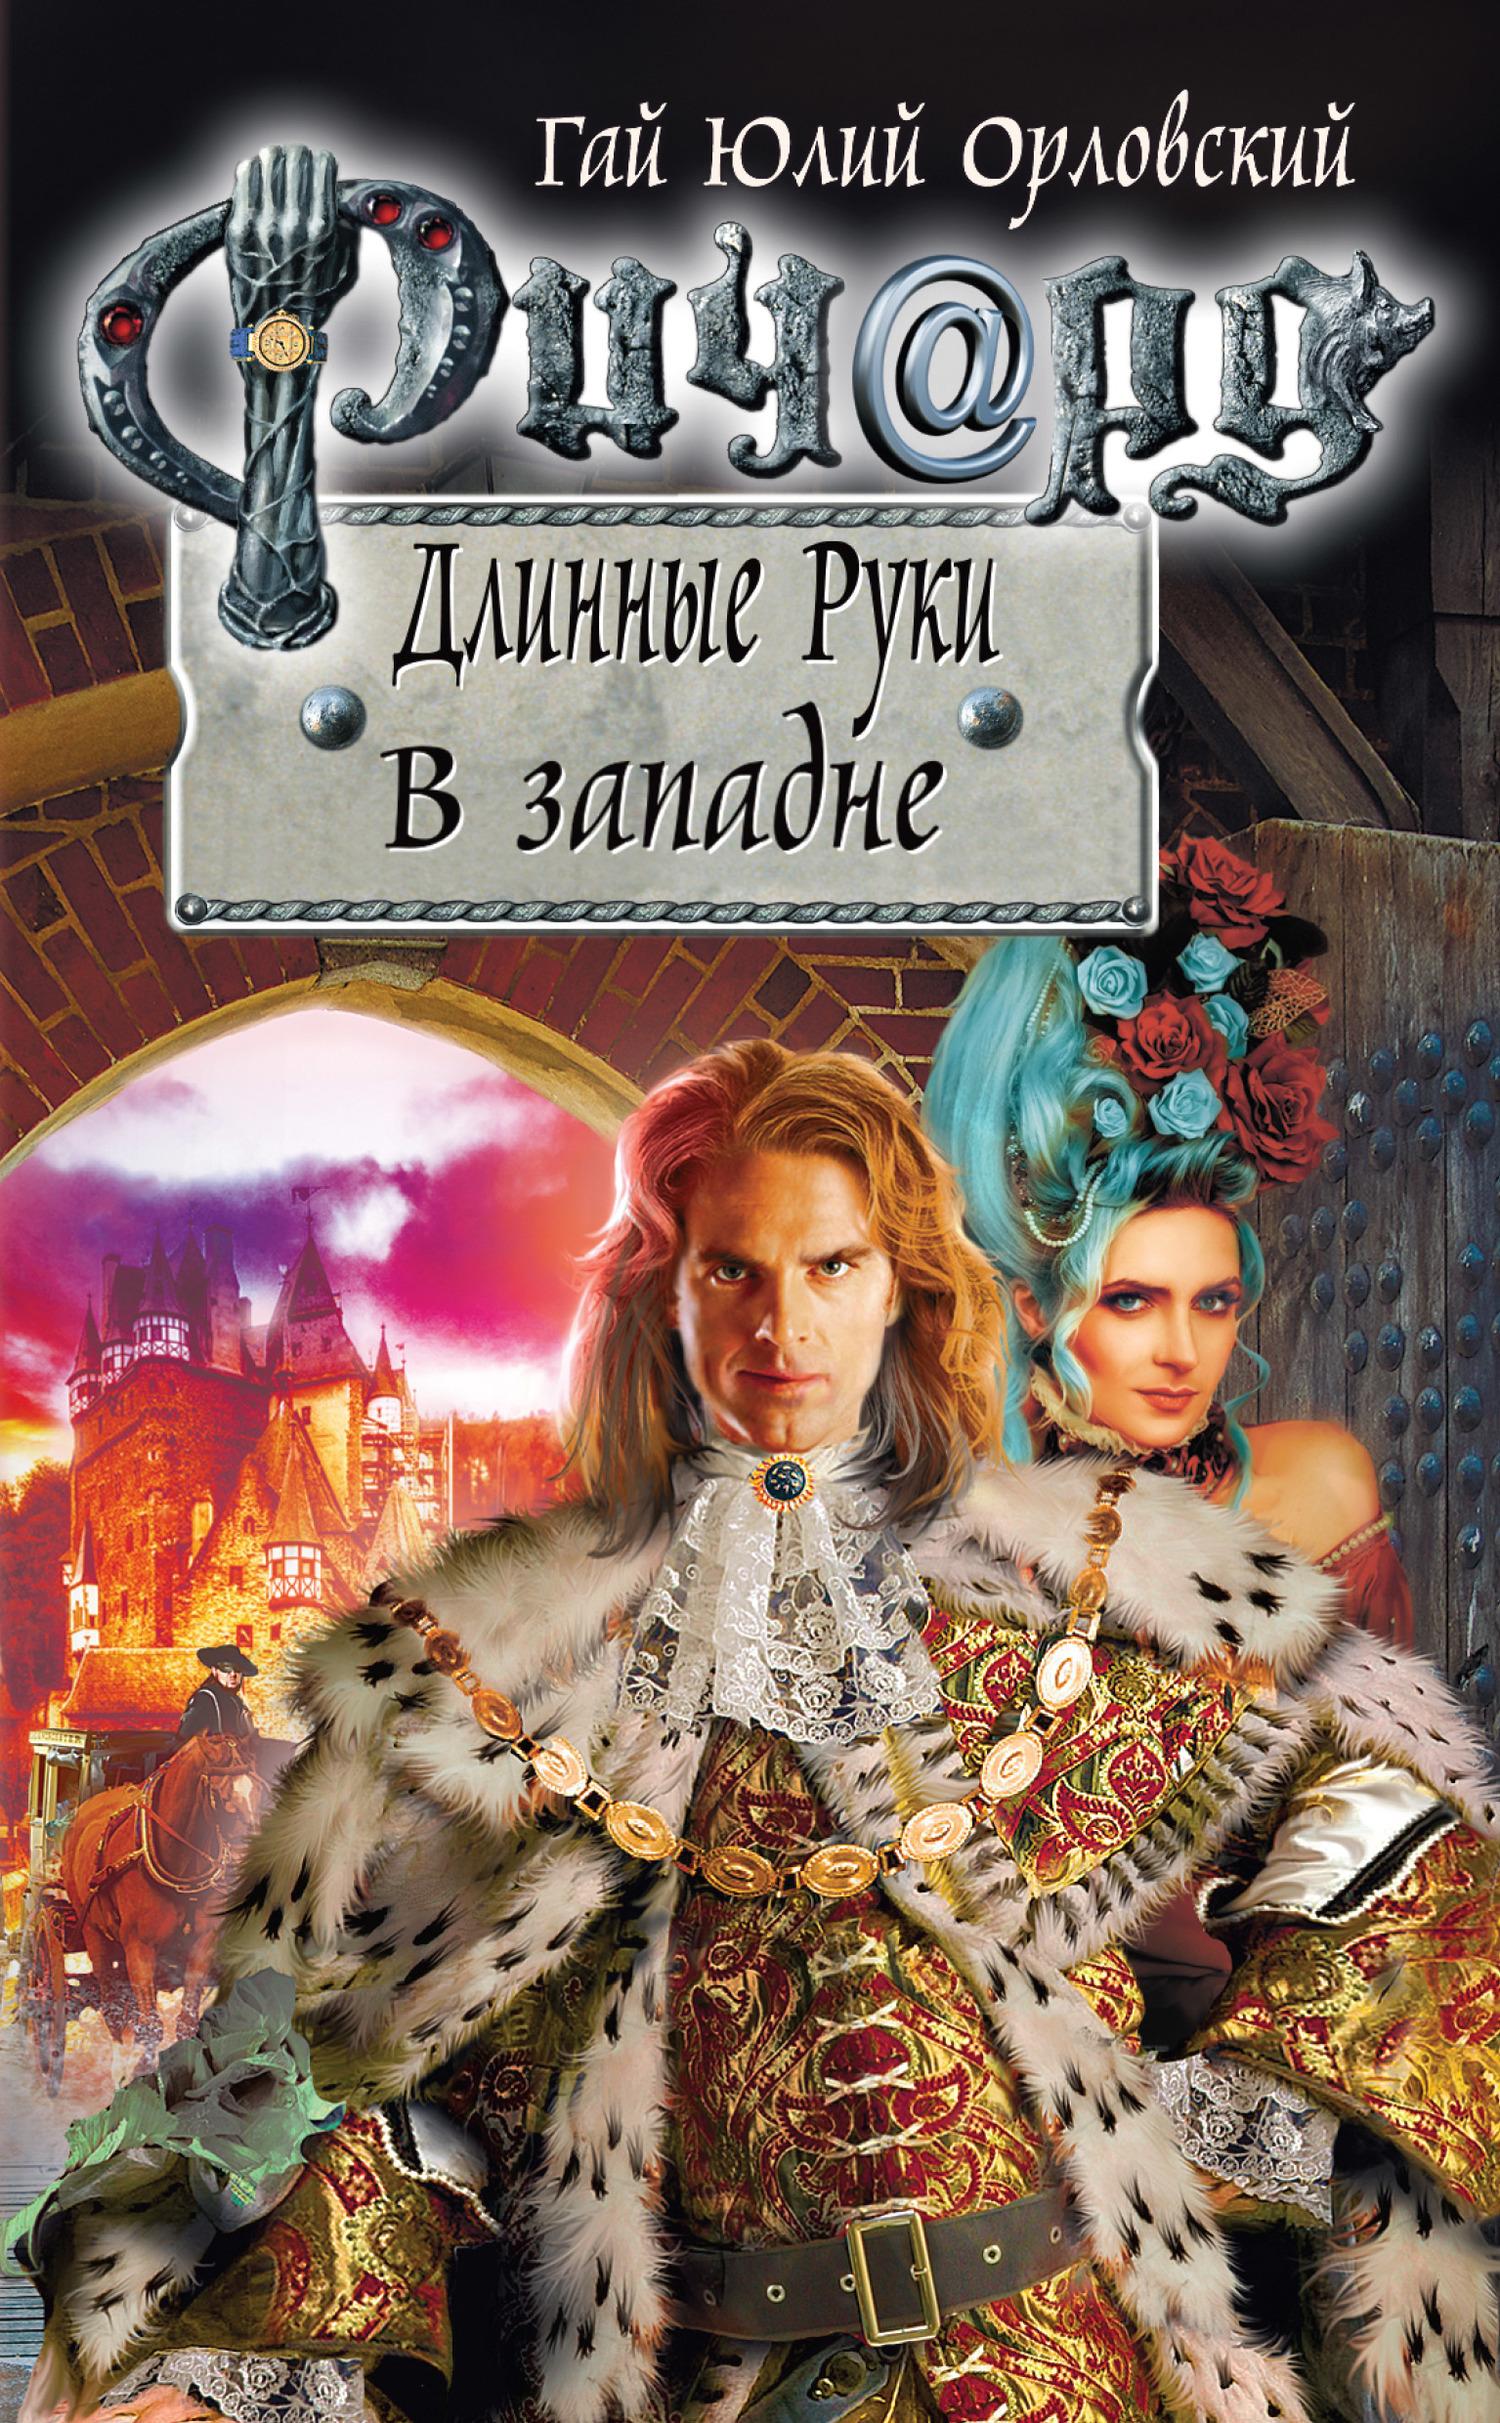 Книга Ричард Длинные Руки. В западне